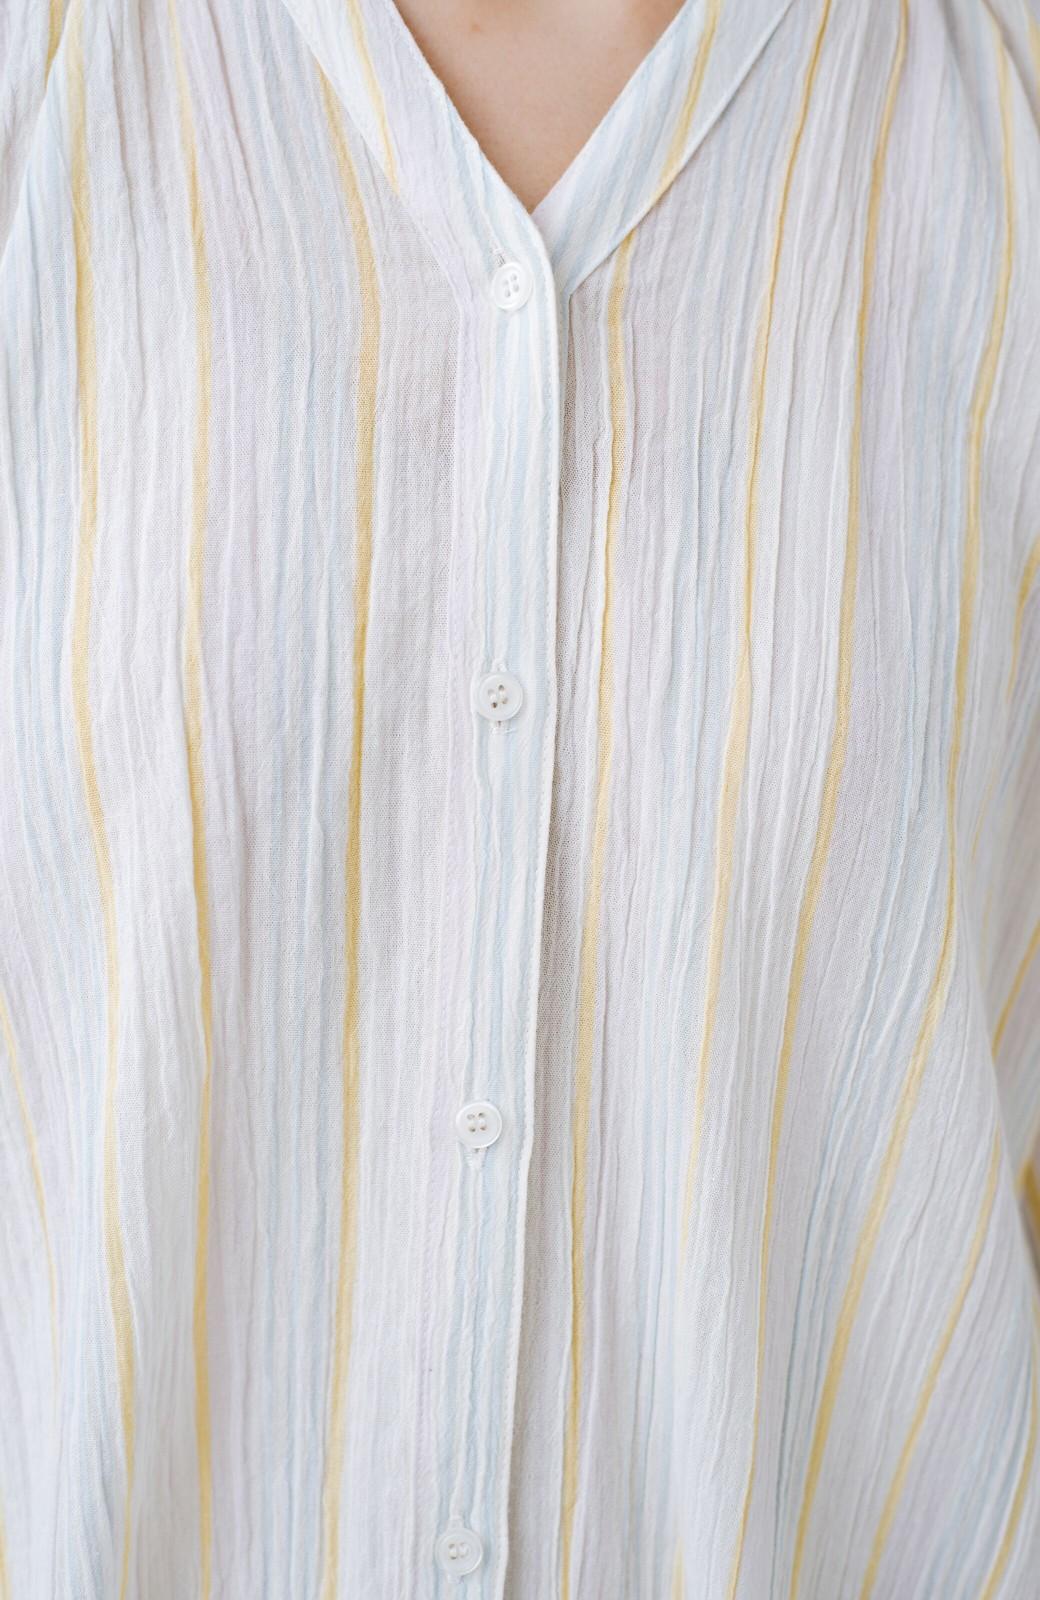 haco! haco! 時間のない朝でも気分の上がる コーデがパッと完成する 羽織にもなるやわらか楊柳素材のストライプワンピース <ホワイト×イエロー>の商品写真10